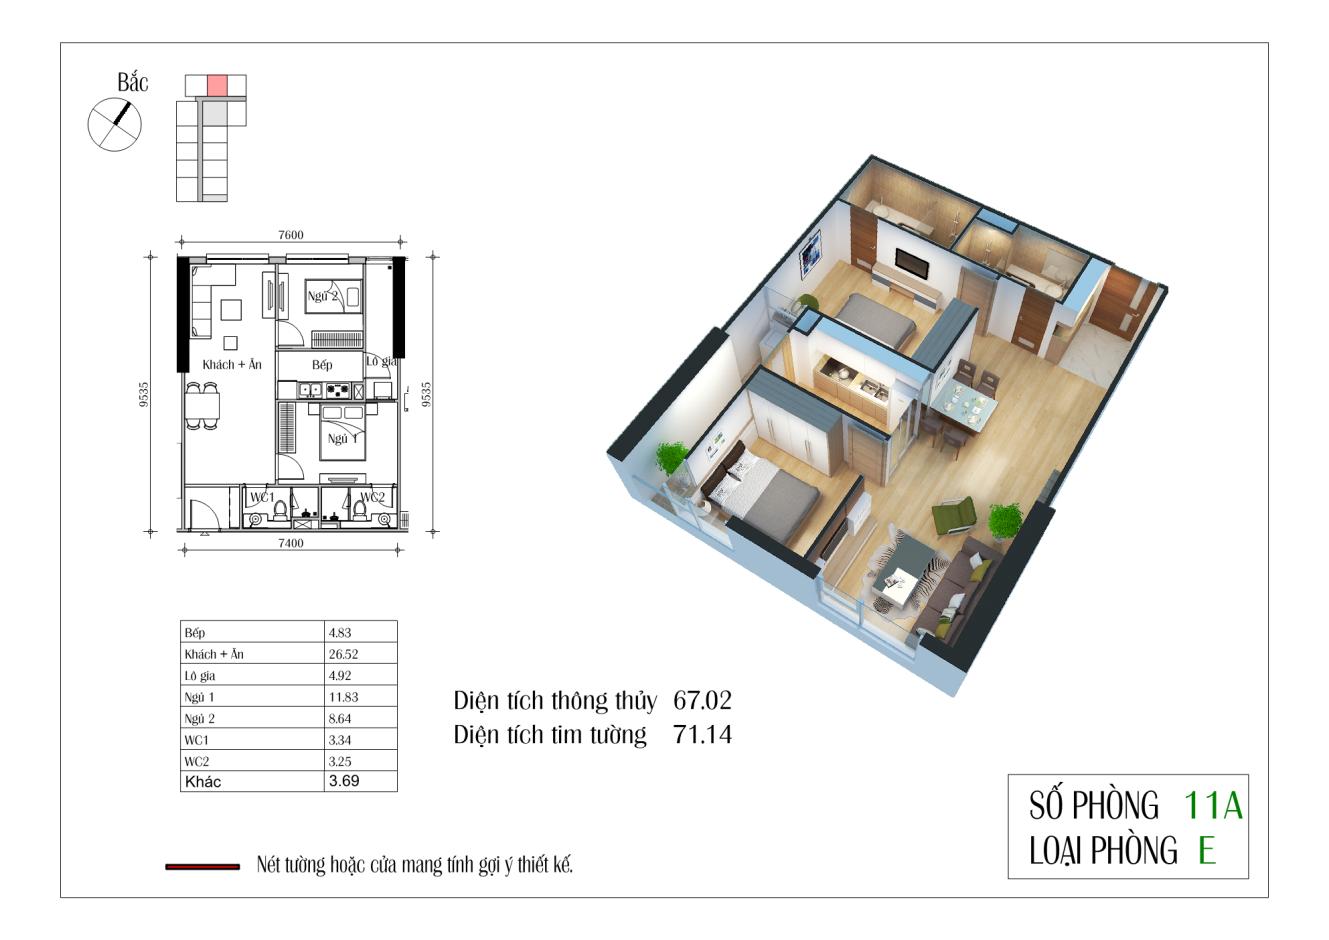 Thiết kế căn E 67,02 m2